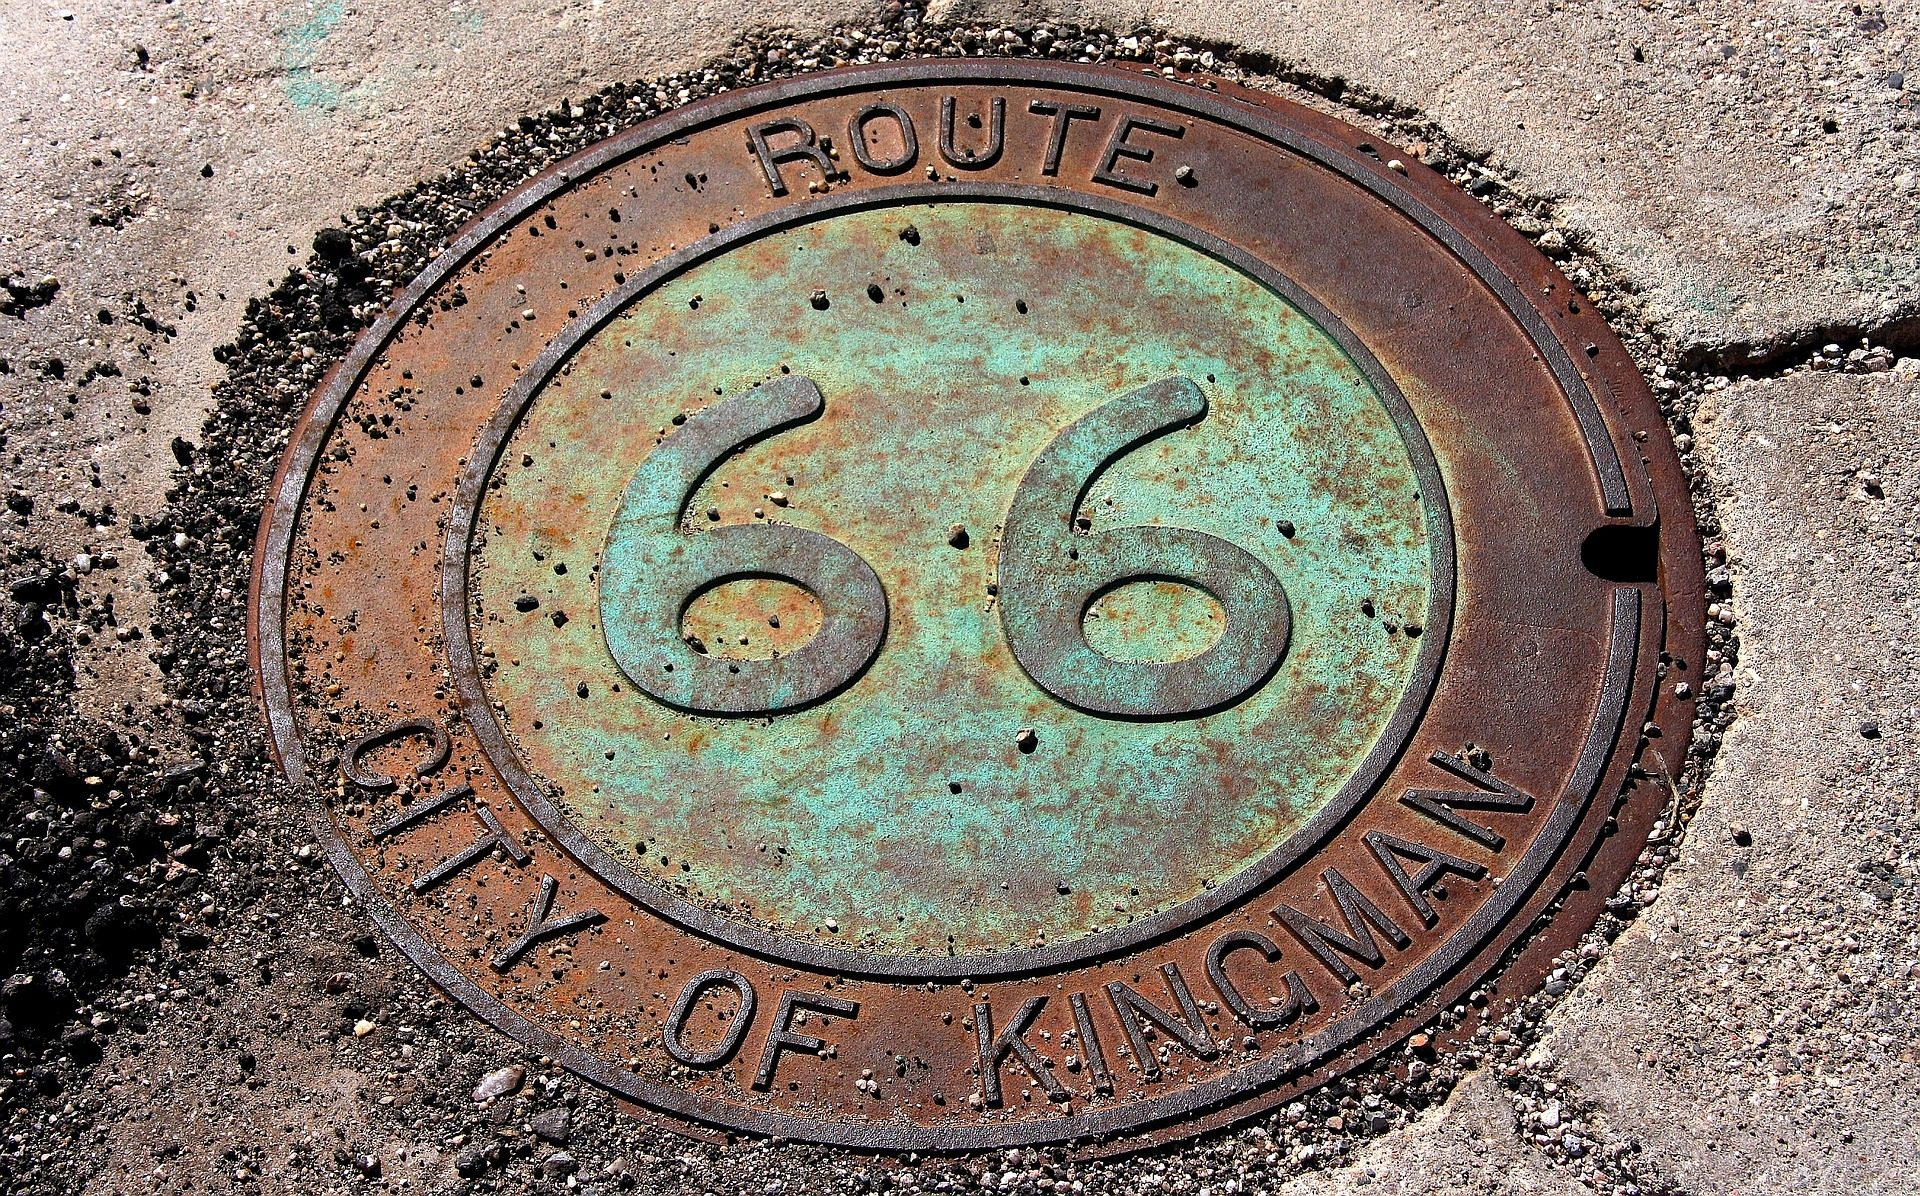 الطريق 66, العلامة التجارية, الأسفلت, المعادن, كينغمان - خلفيات عالية الدقة - أستاذ falken.com